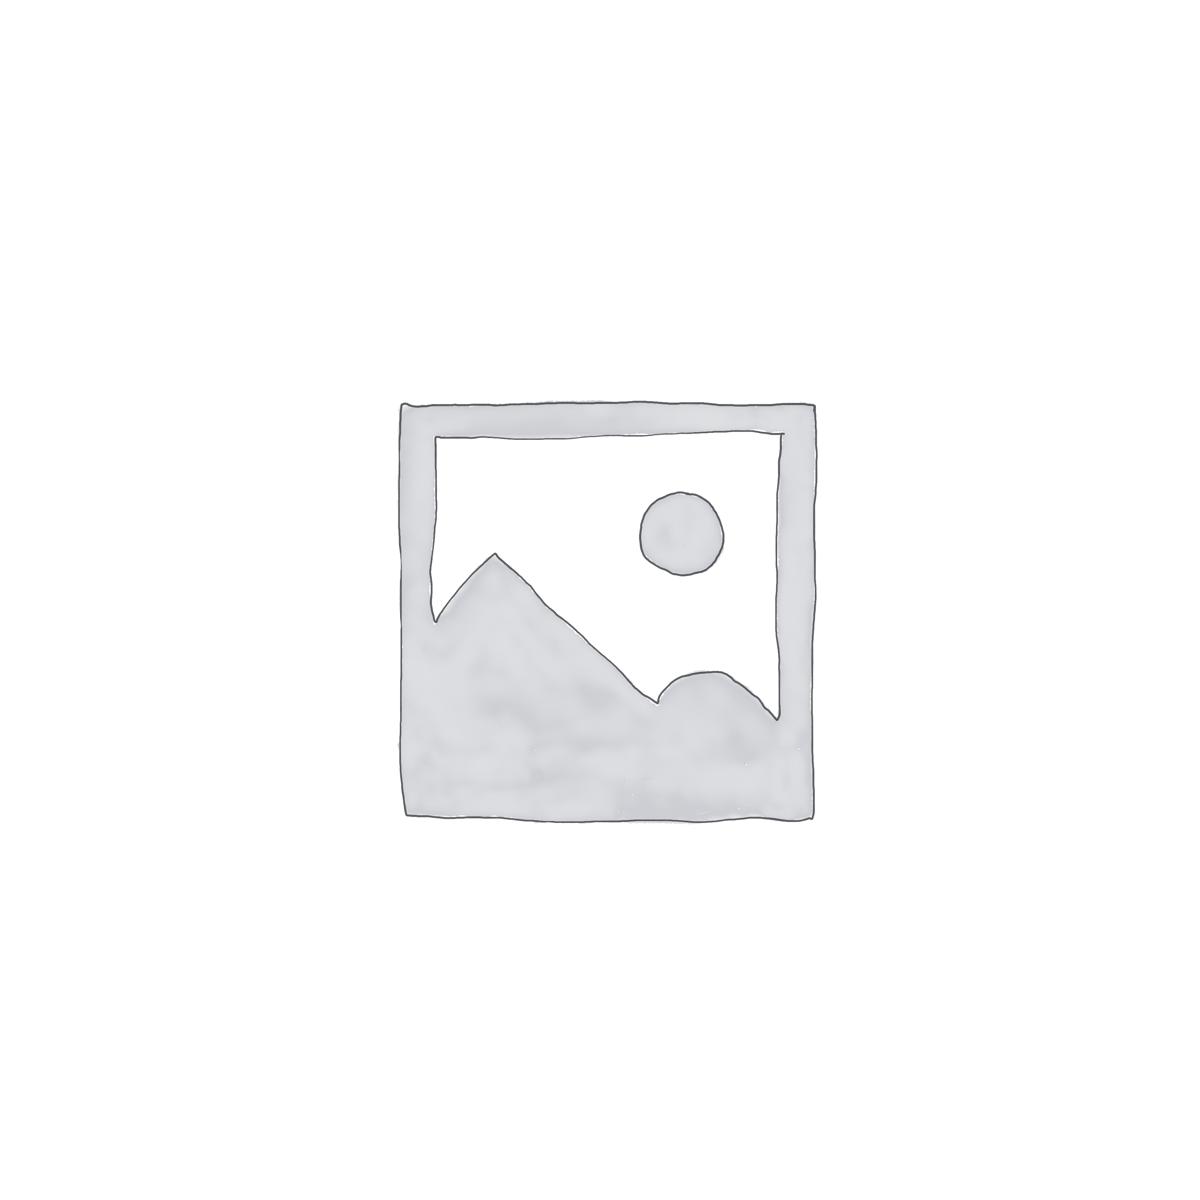 Cherry Blossom and Butterflies Wallpaper Mural